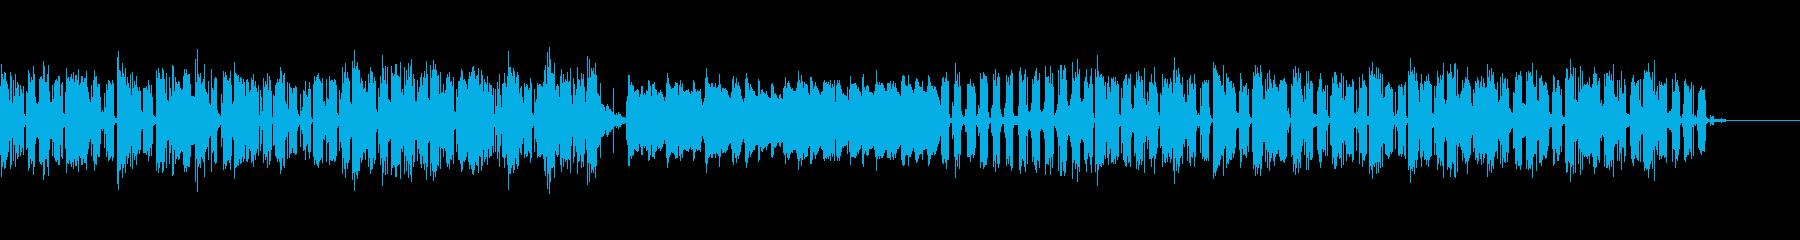 荒廃した近未来イメージの優しい三拍子曲の再生済みの波形